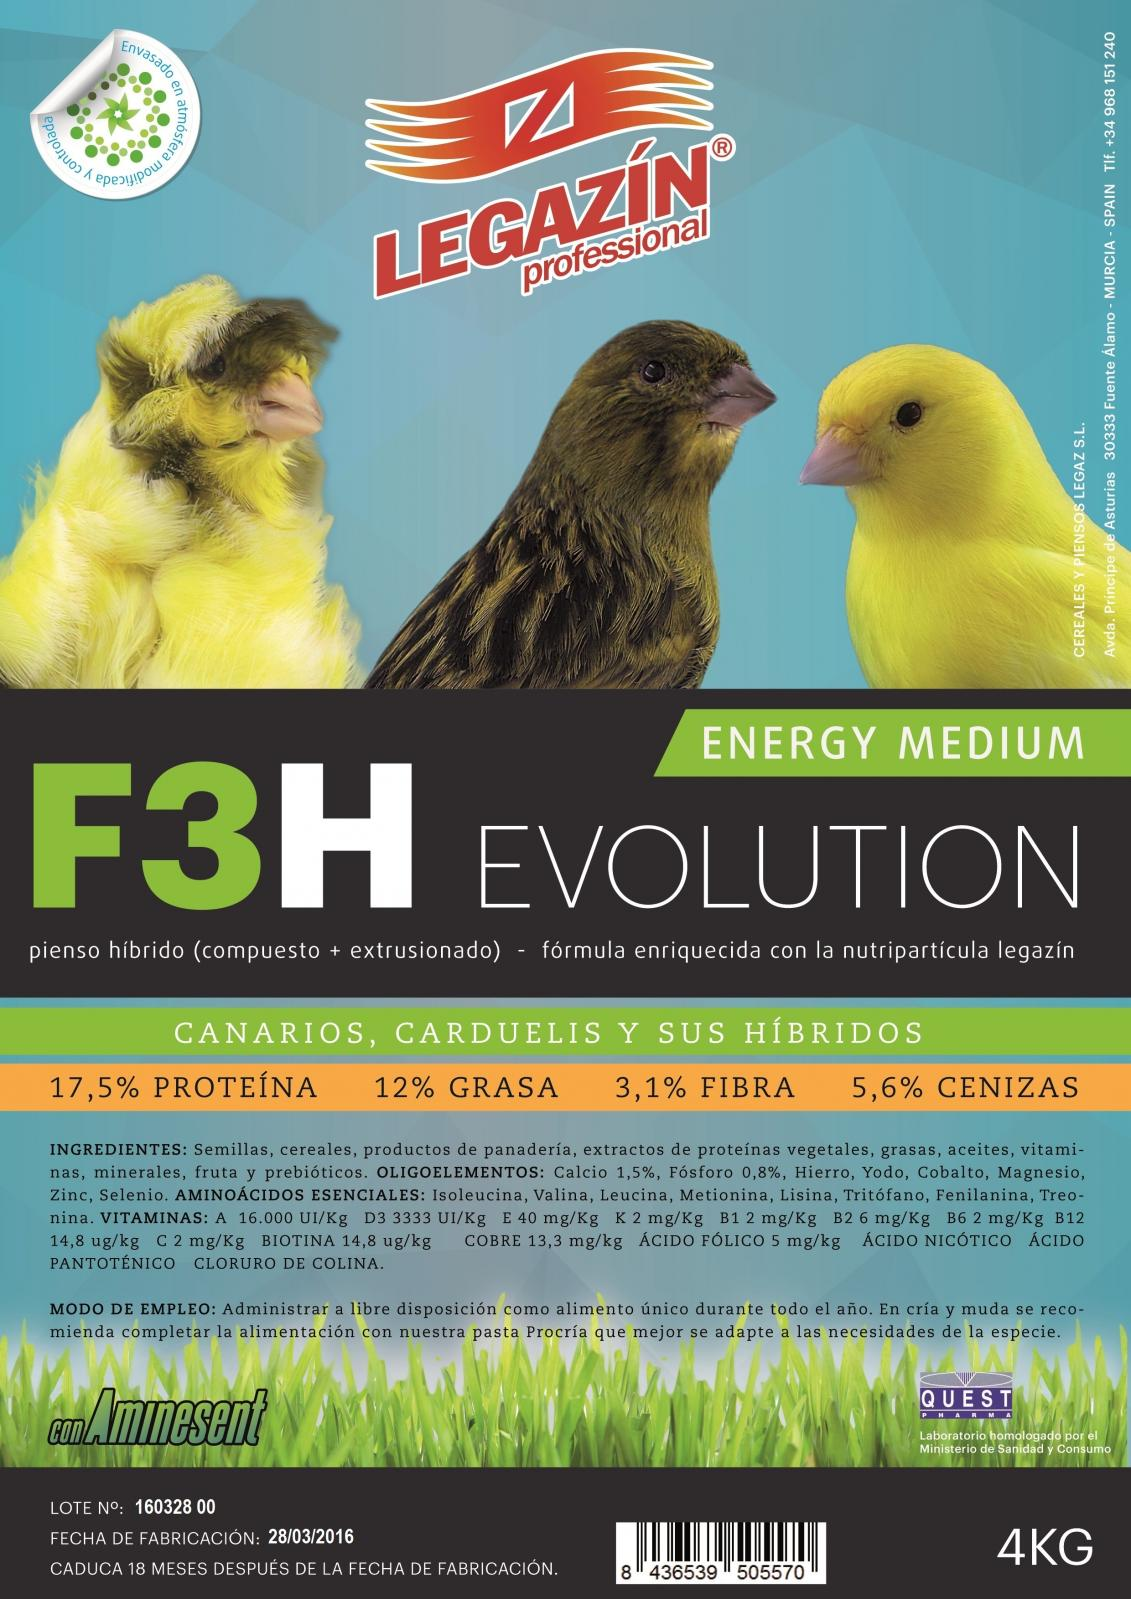 F3h energy medium evolution 4kg